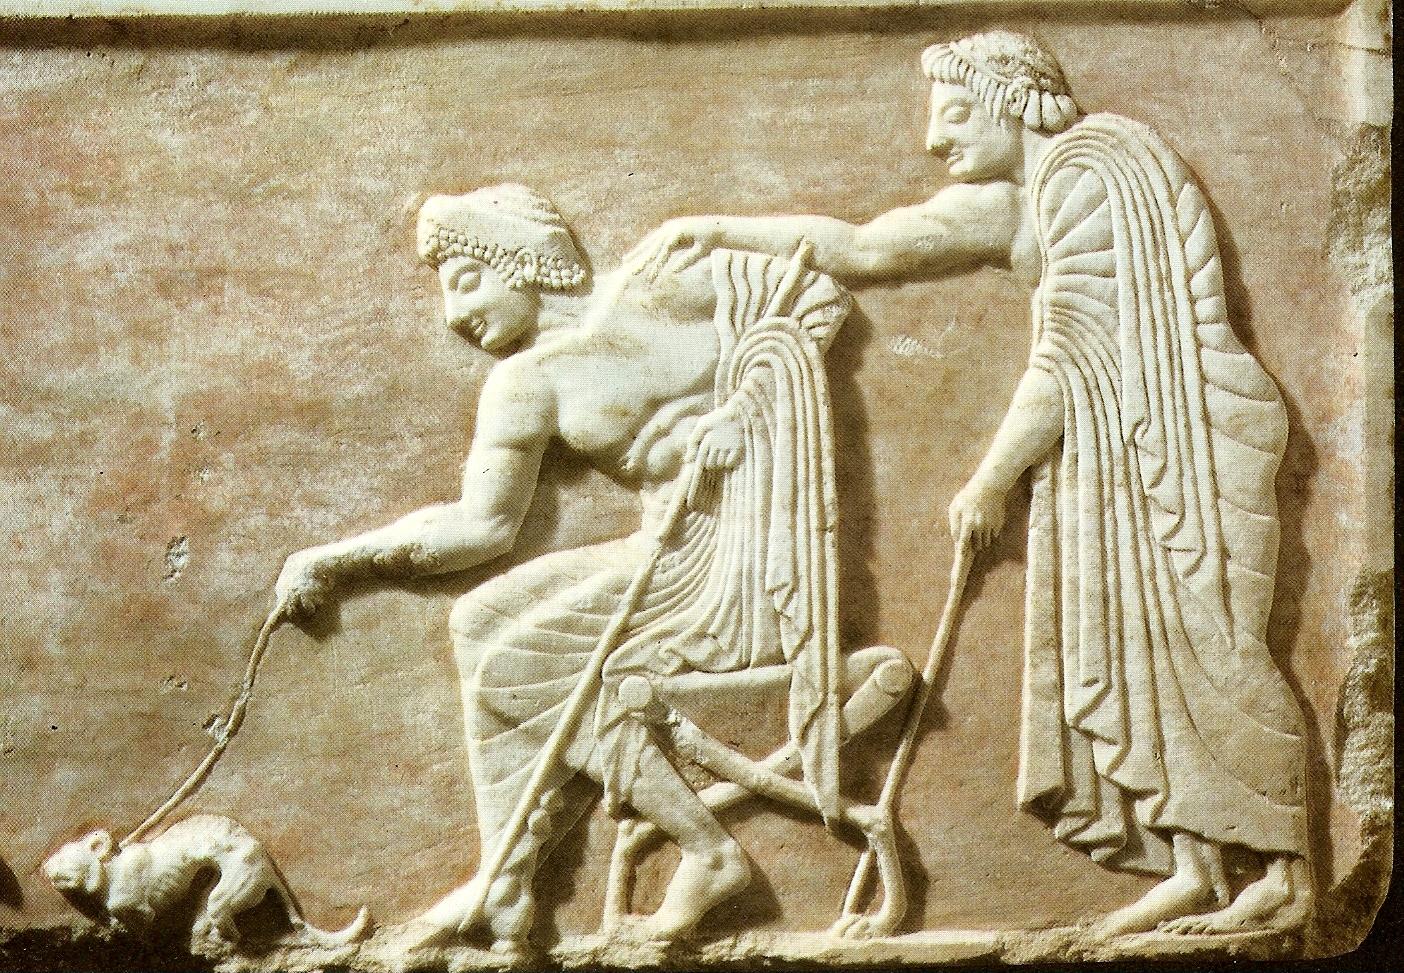 Grece sculpture grecque archa que arr te ton char for Dans jeannot et colin l auteur combat